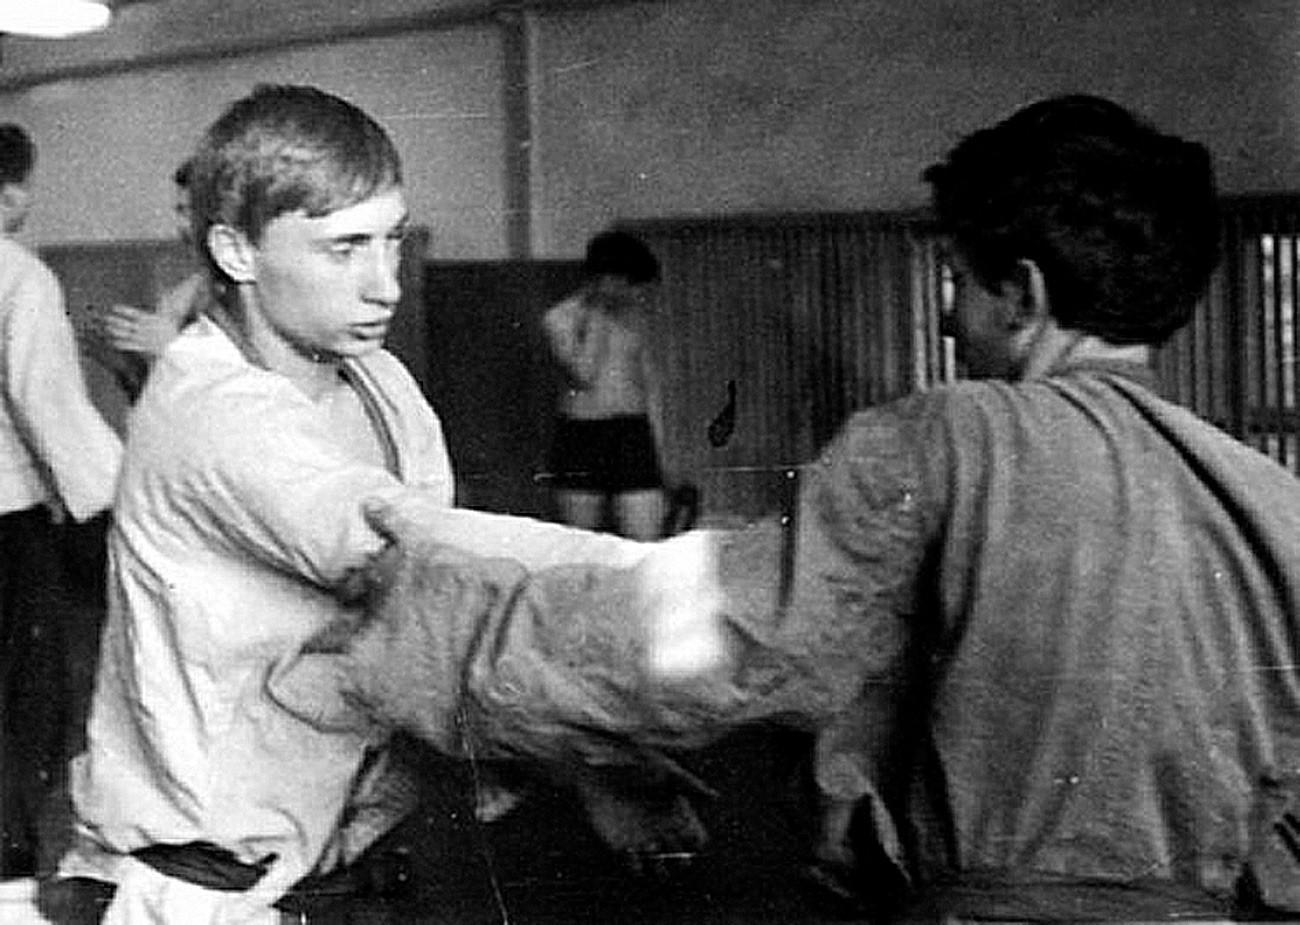 柔道の練習をしている若いウラジーミル・プーチン。